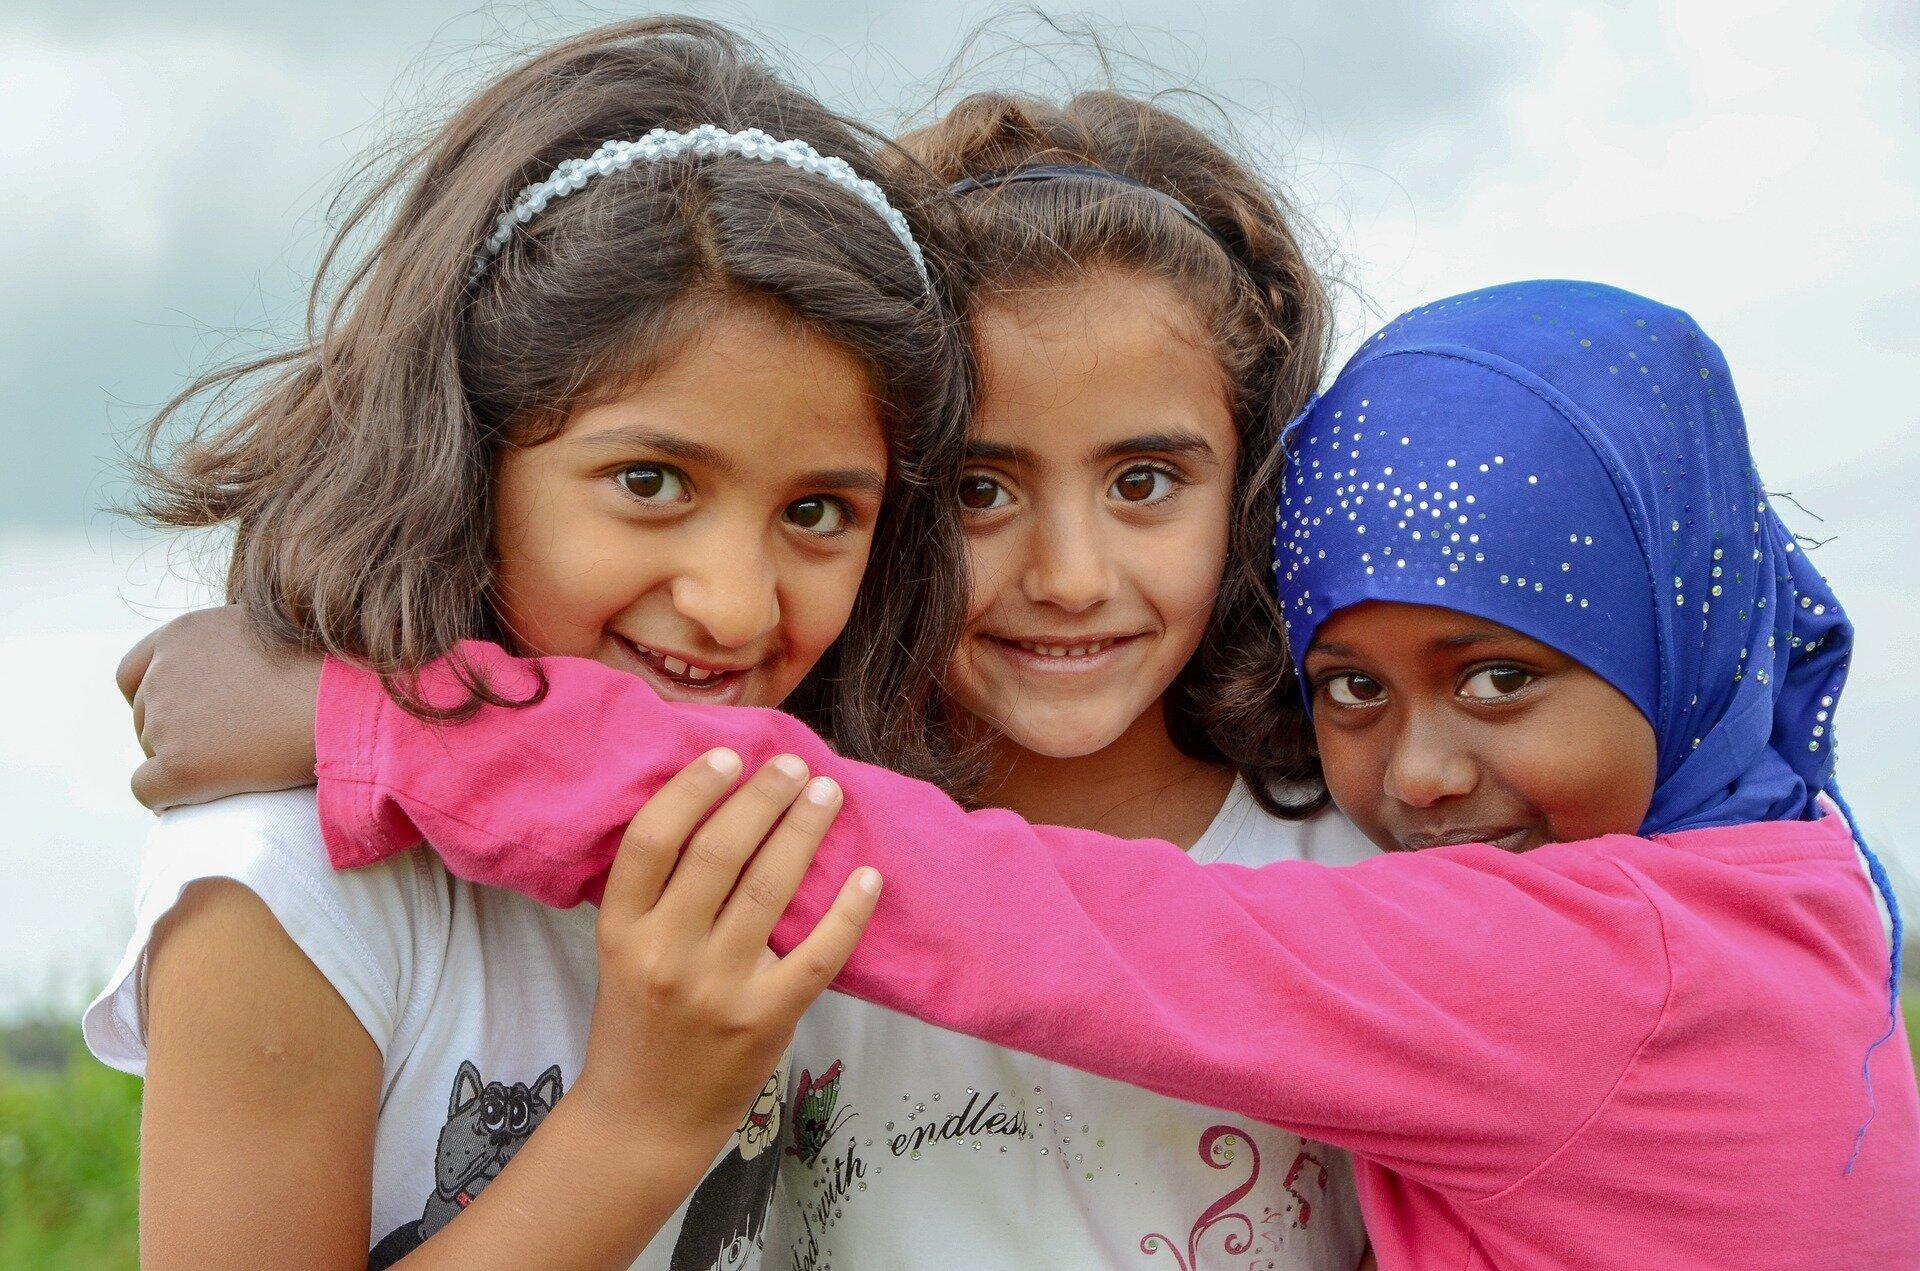 Gefährdete Migranten und Wohlbefinden Studie zeigt Barrieren zur Gesundheitsversorgung für Migranten